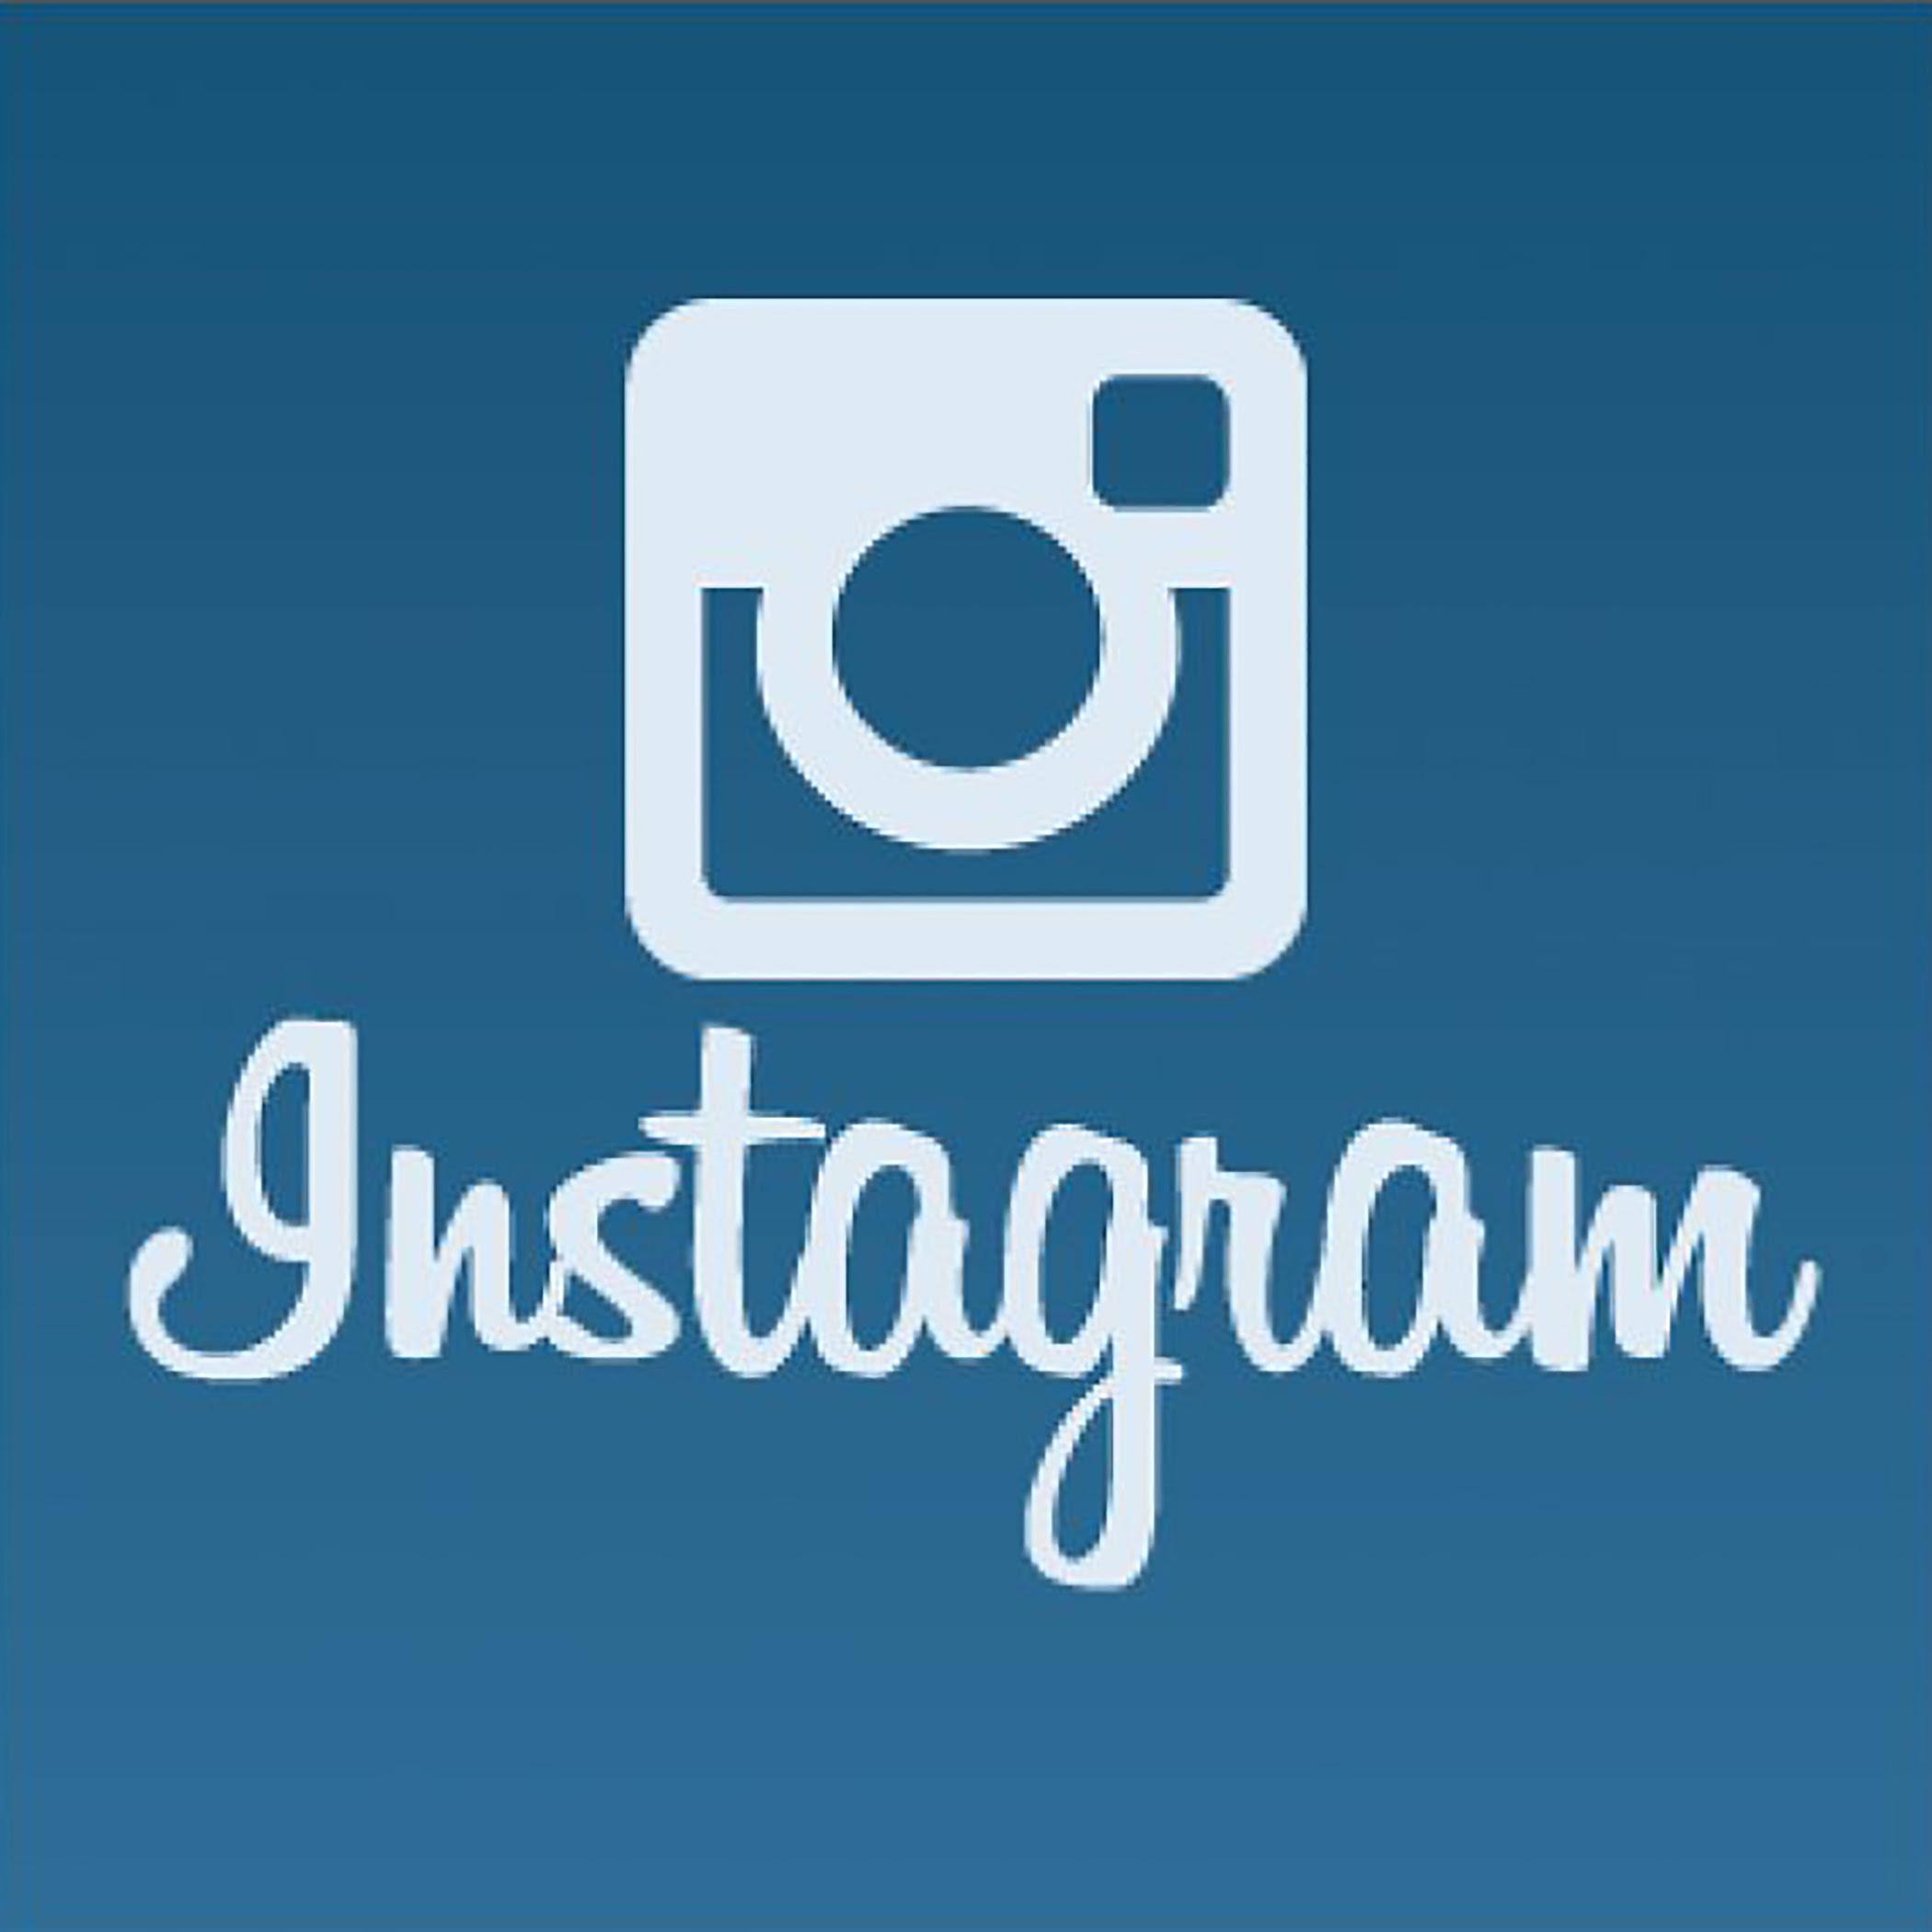 Quotes For Instagram Logo. QuotesGram